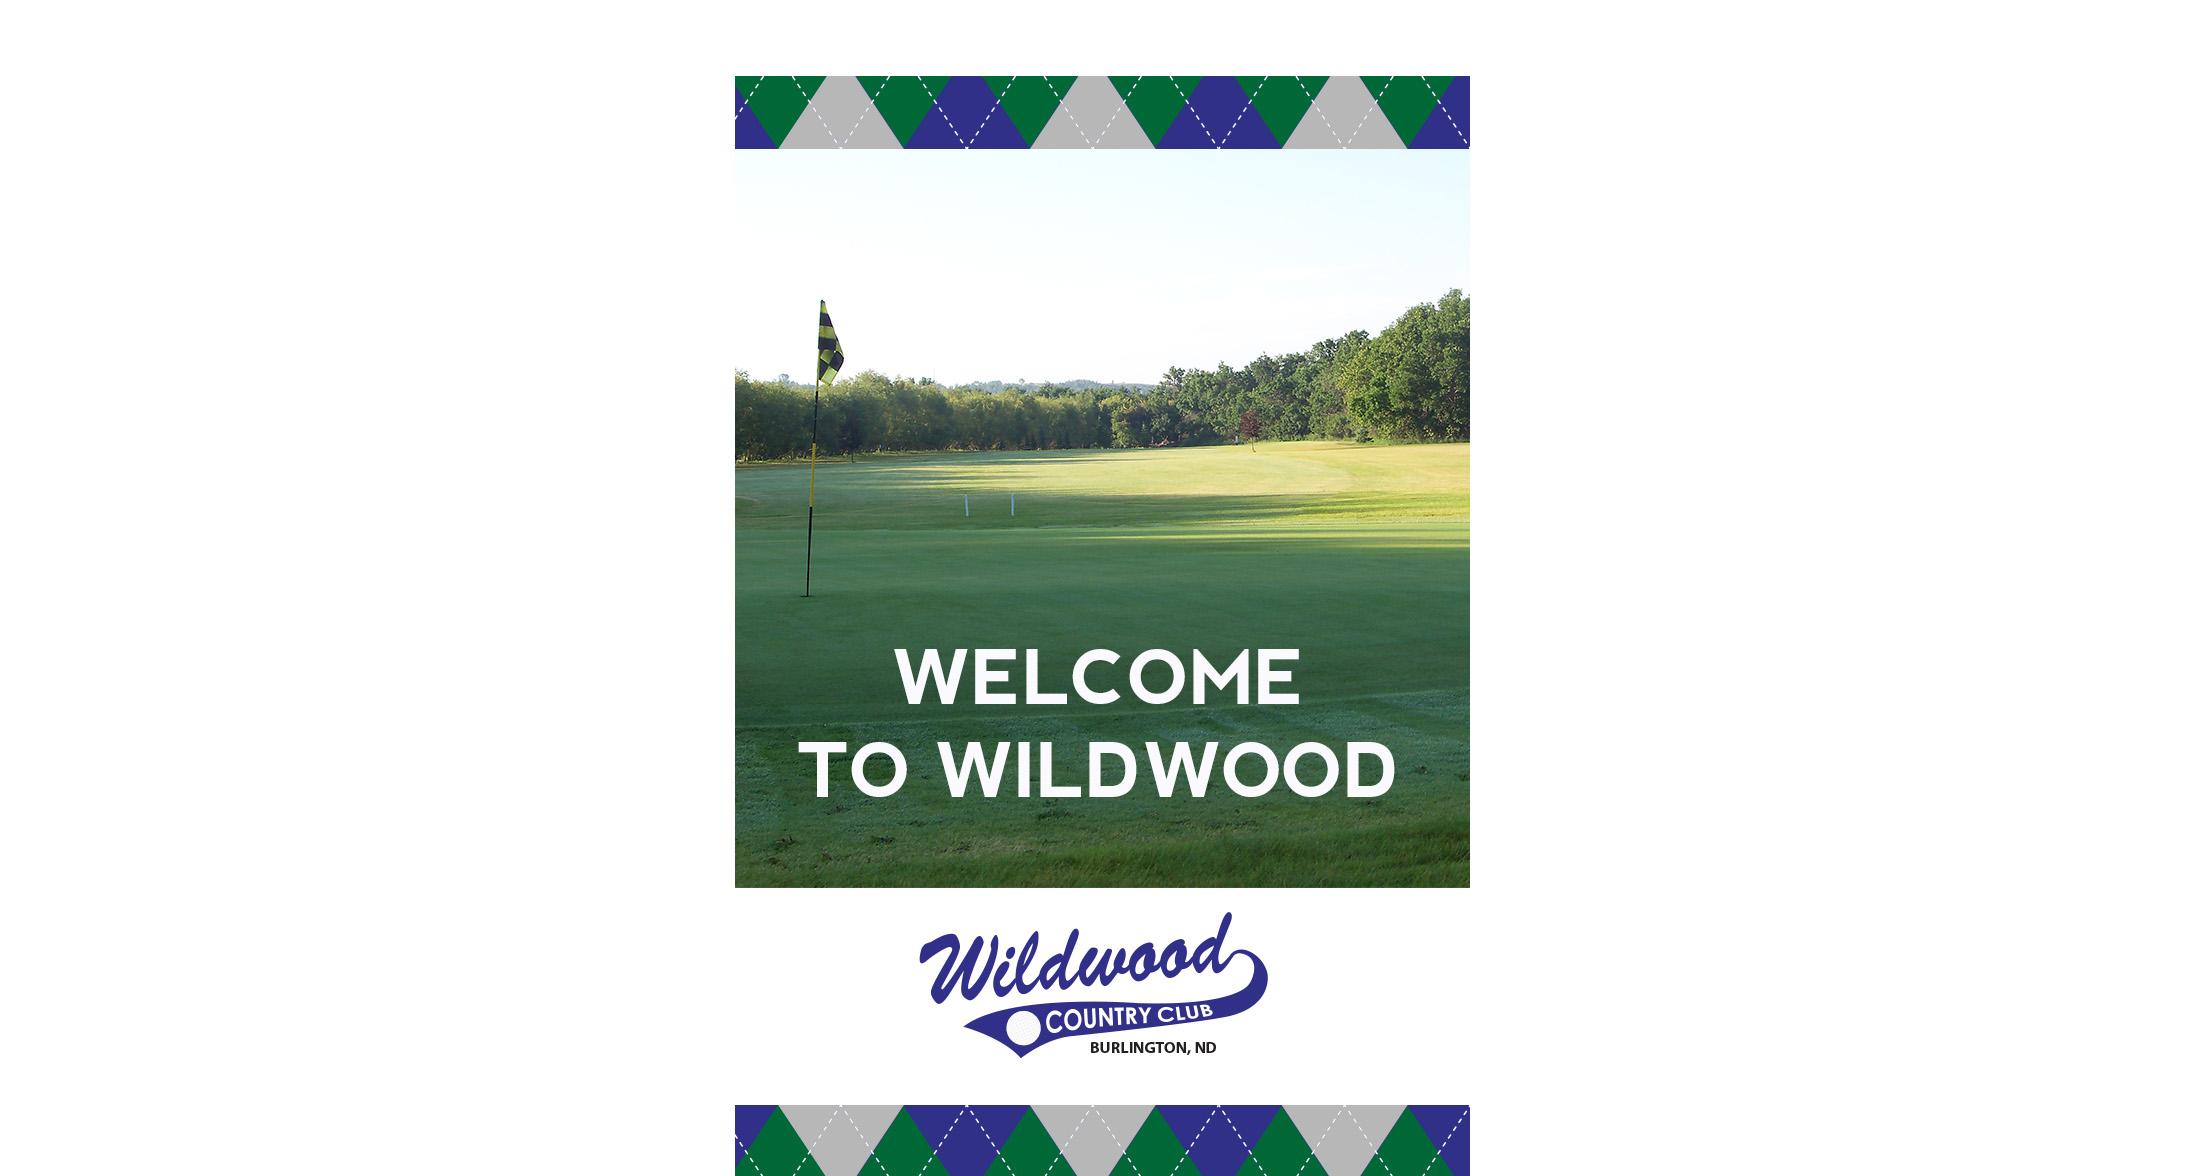 WelcometoWildwood